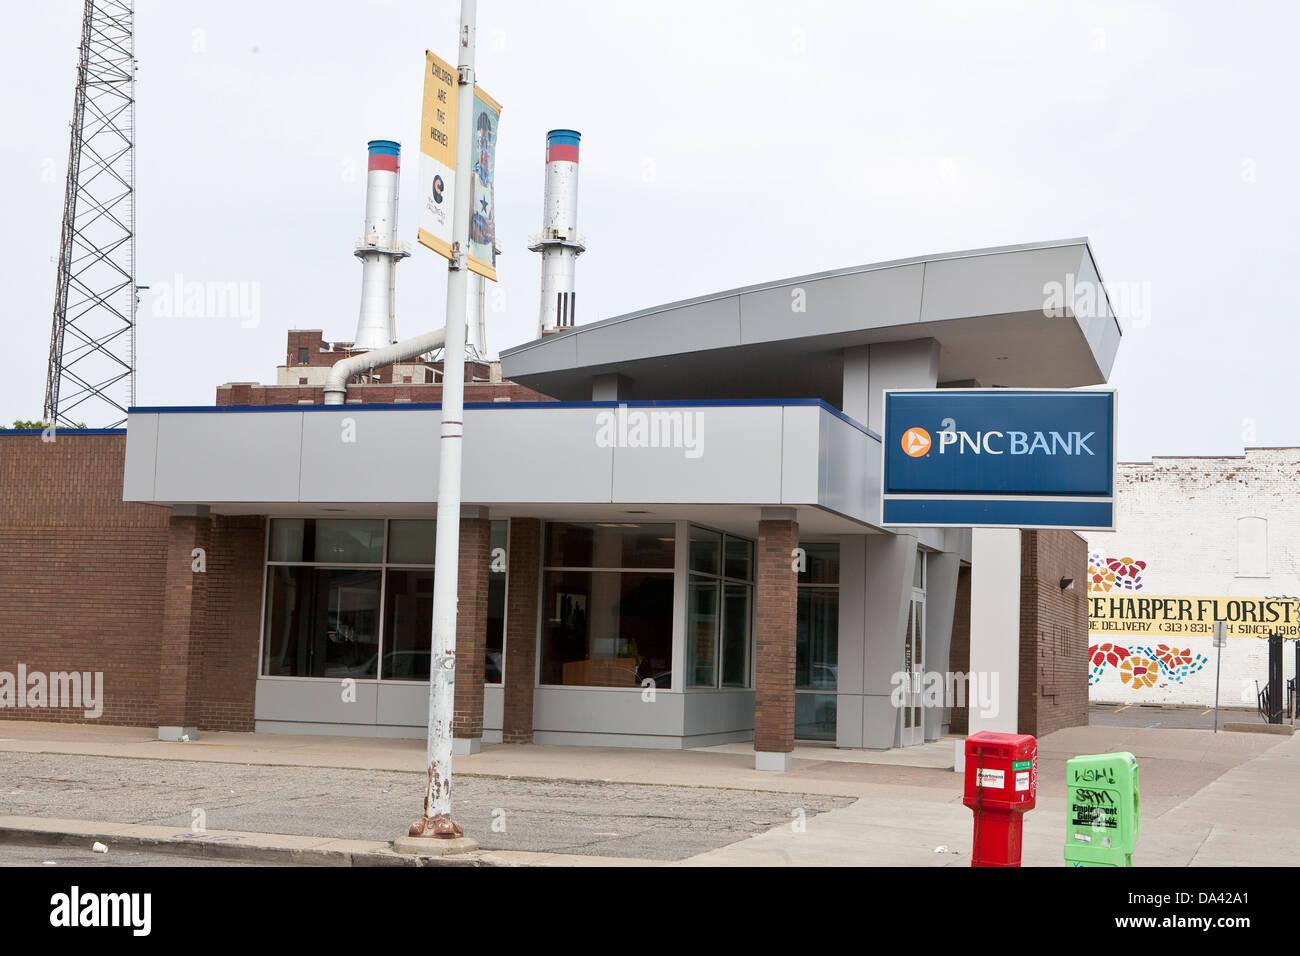 Pnc Bank Stock Photos & Pnc Bank Stock Images - Alamy